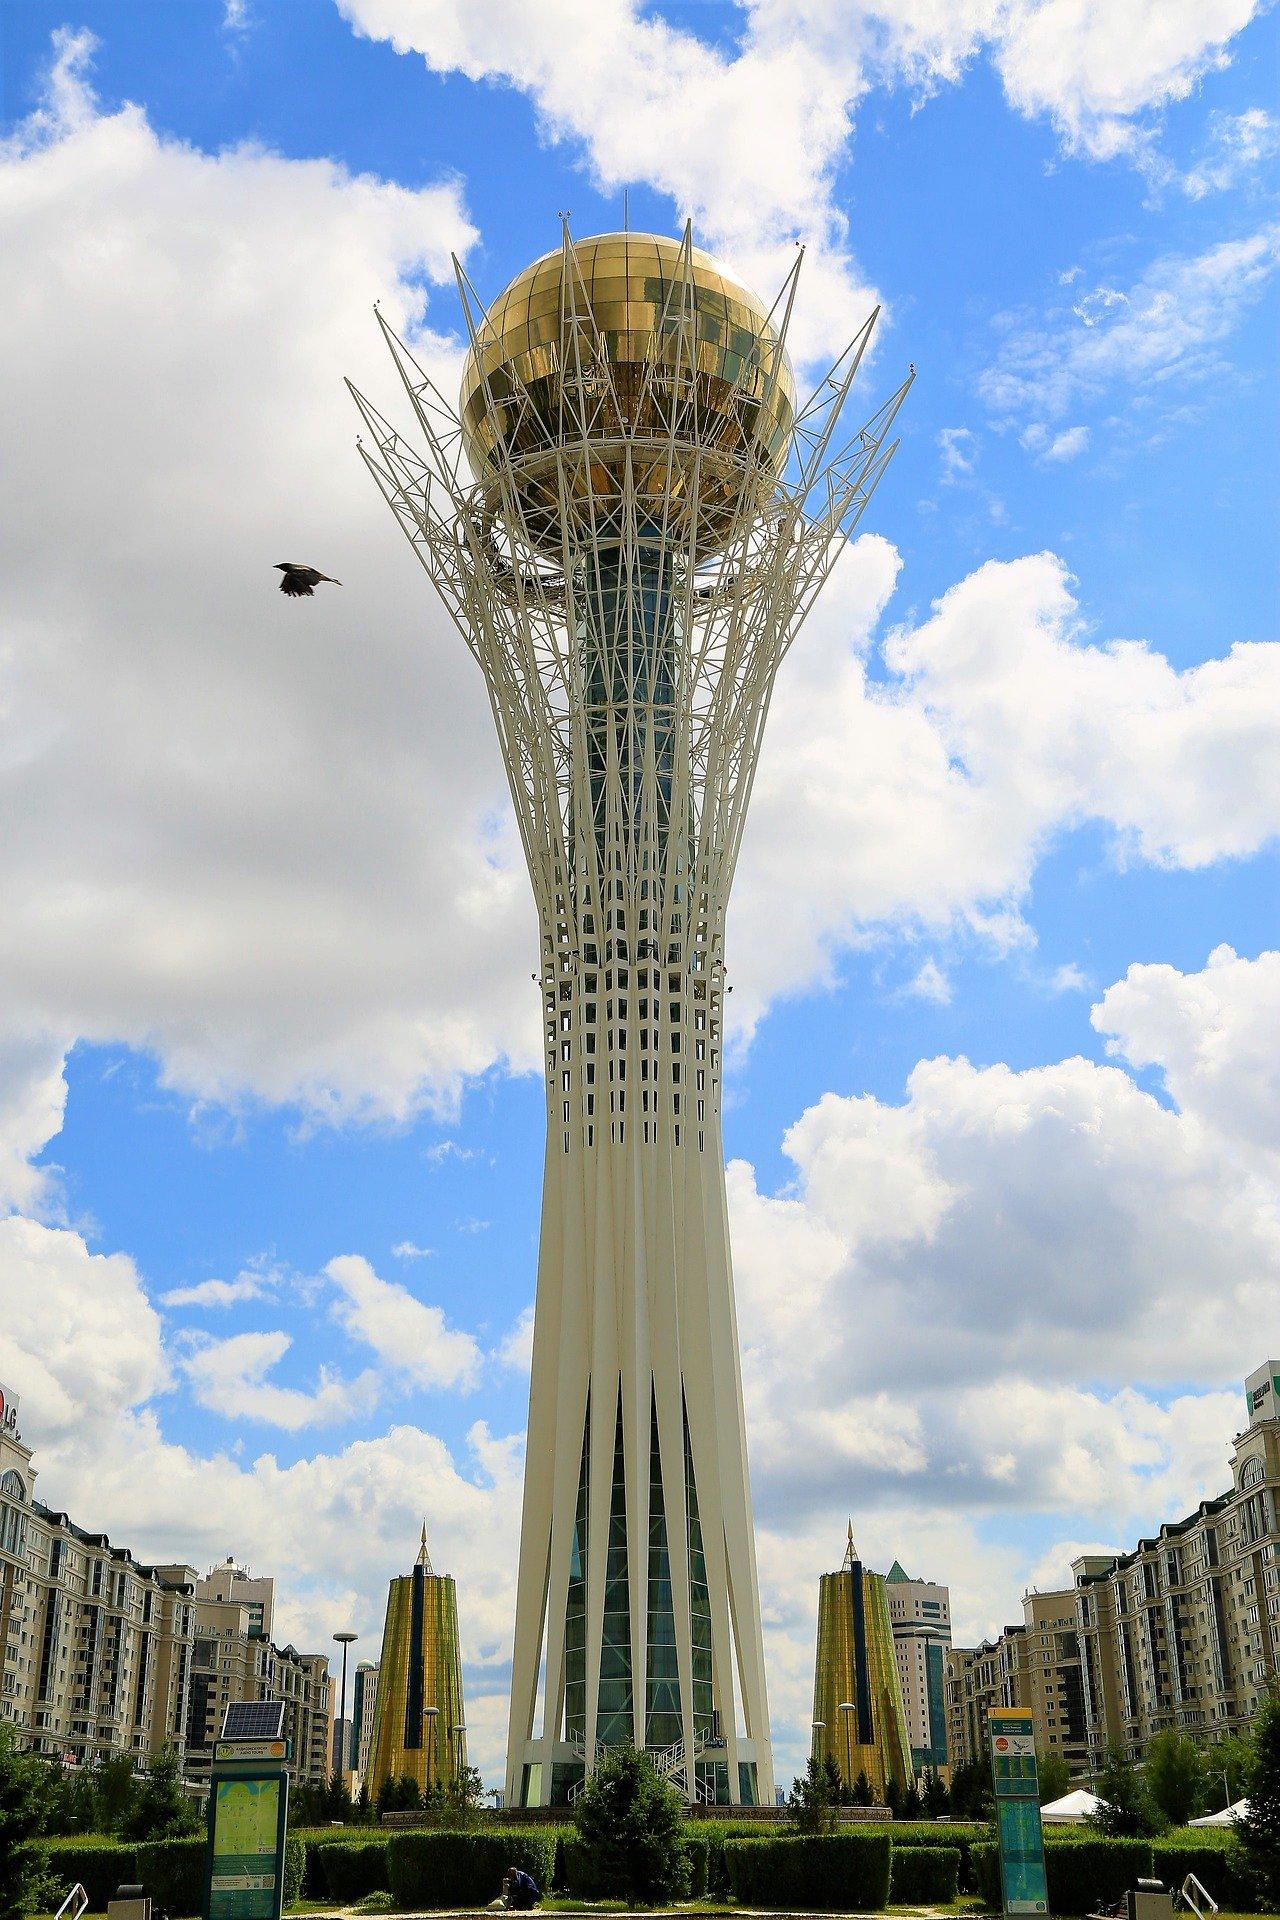 Putovanje Kazahstan - Putevima neistraženih prostranstava (3)